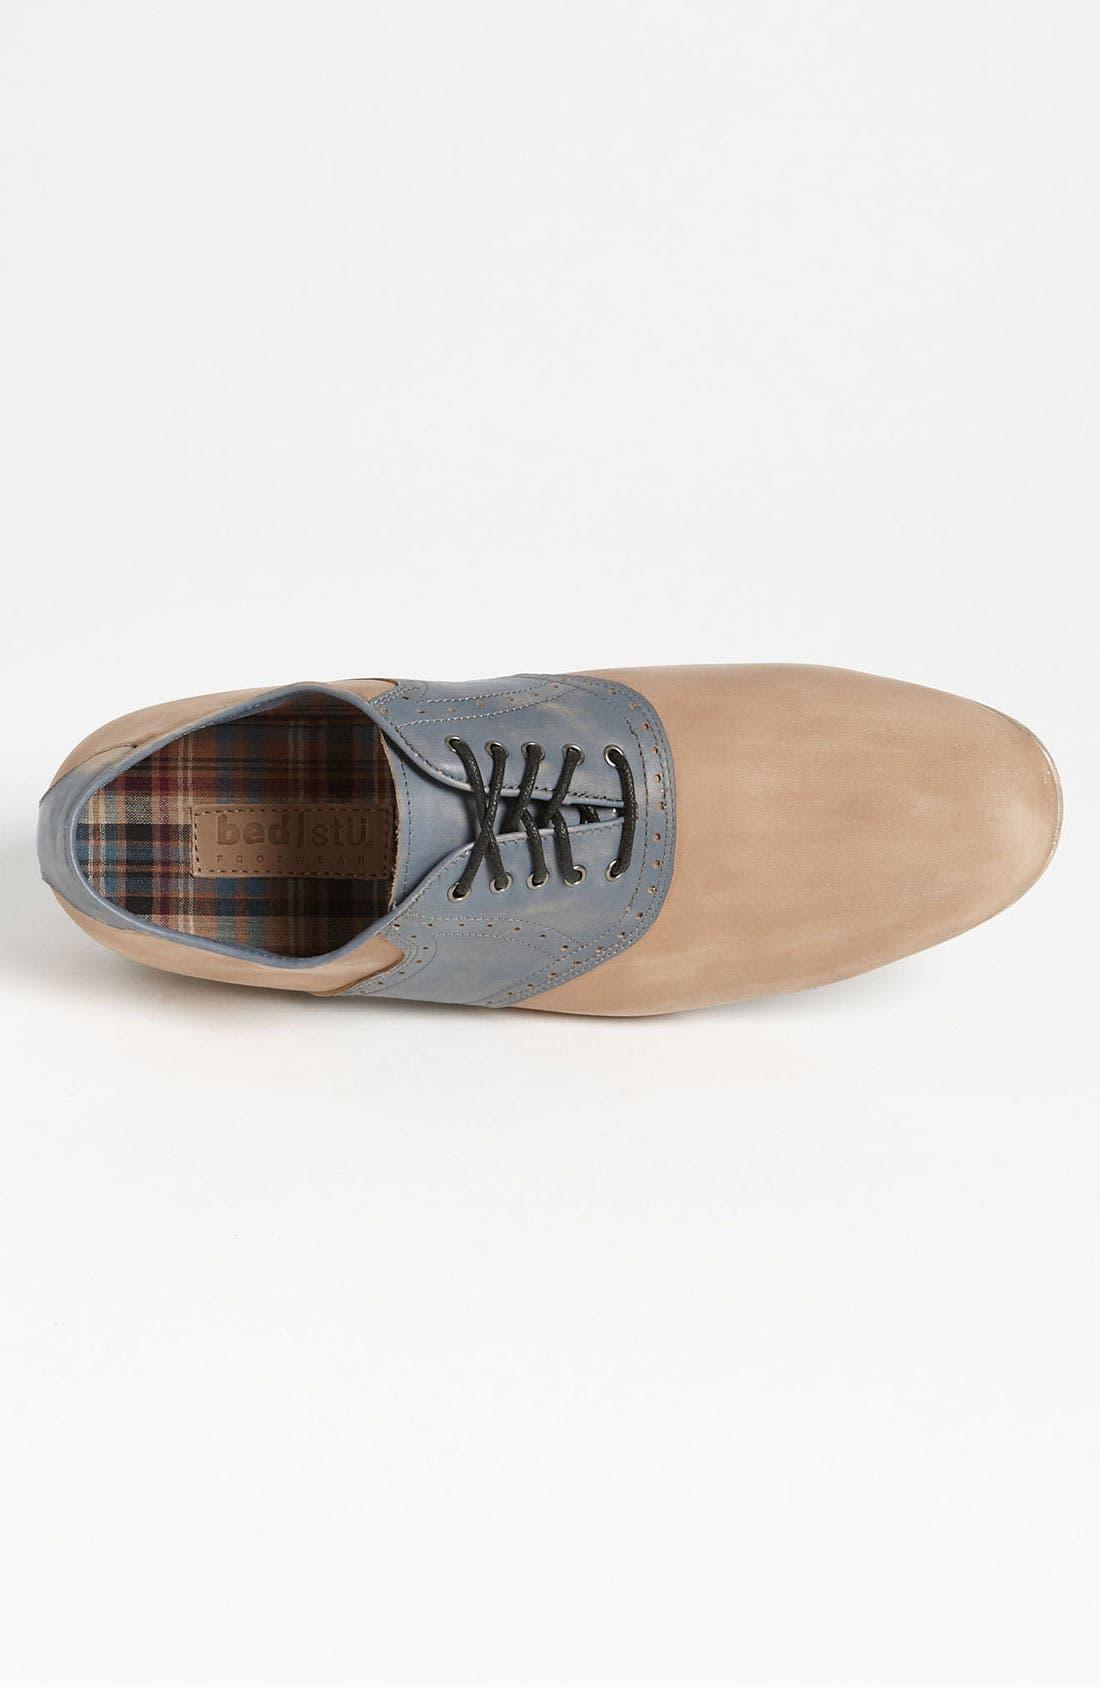 Alternate Image 3  - Bed Stu 'Orleans' Saddle Shoe